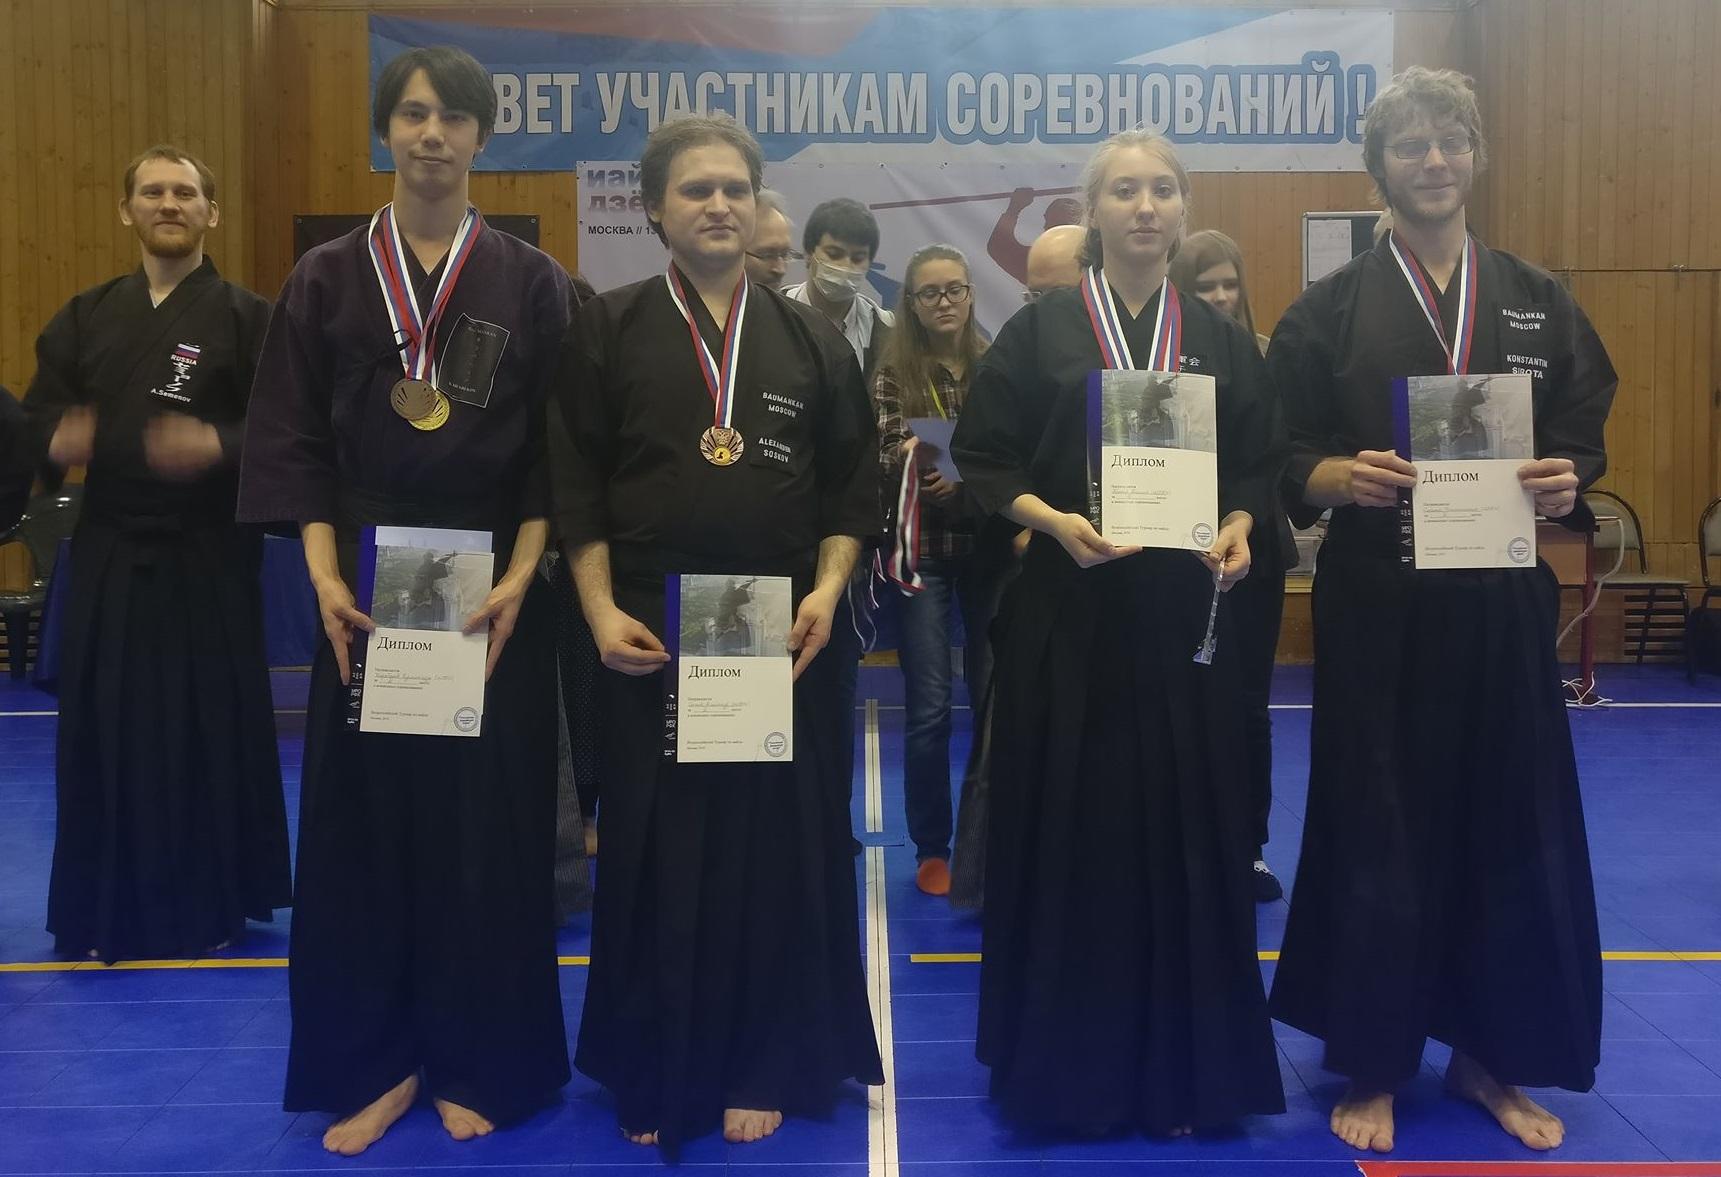 Результаты IV Всероссийского открытого турнира по иайдо